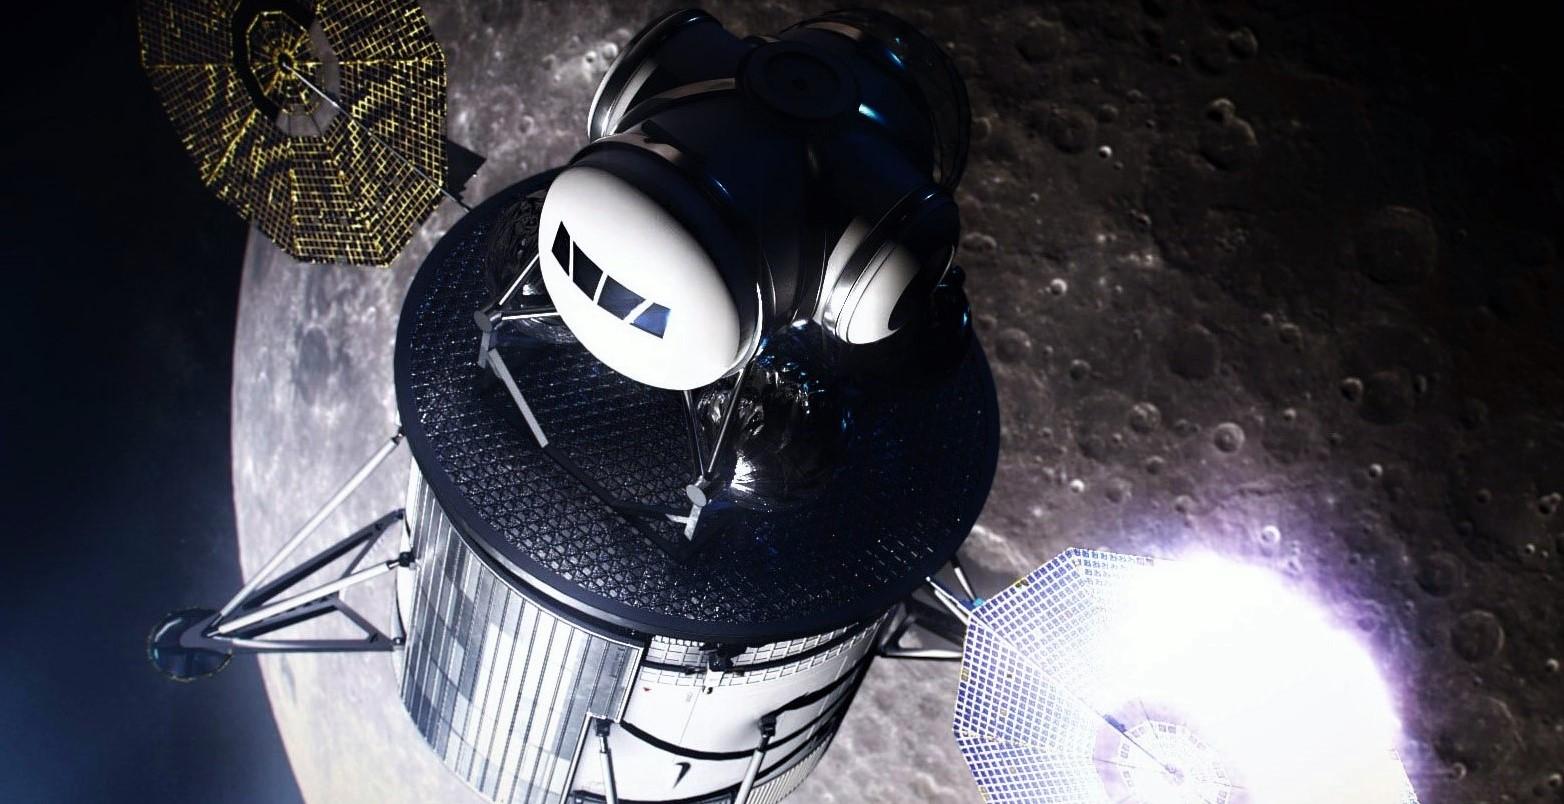 Lunar lander descent ascent stages concept (NASA) 2